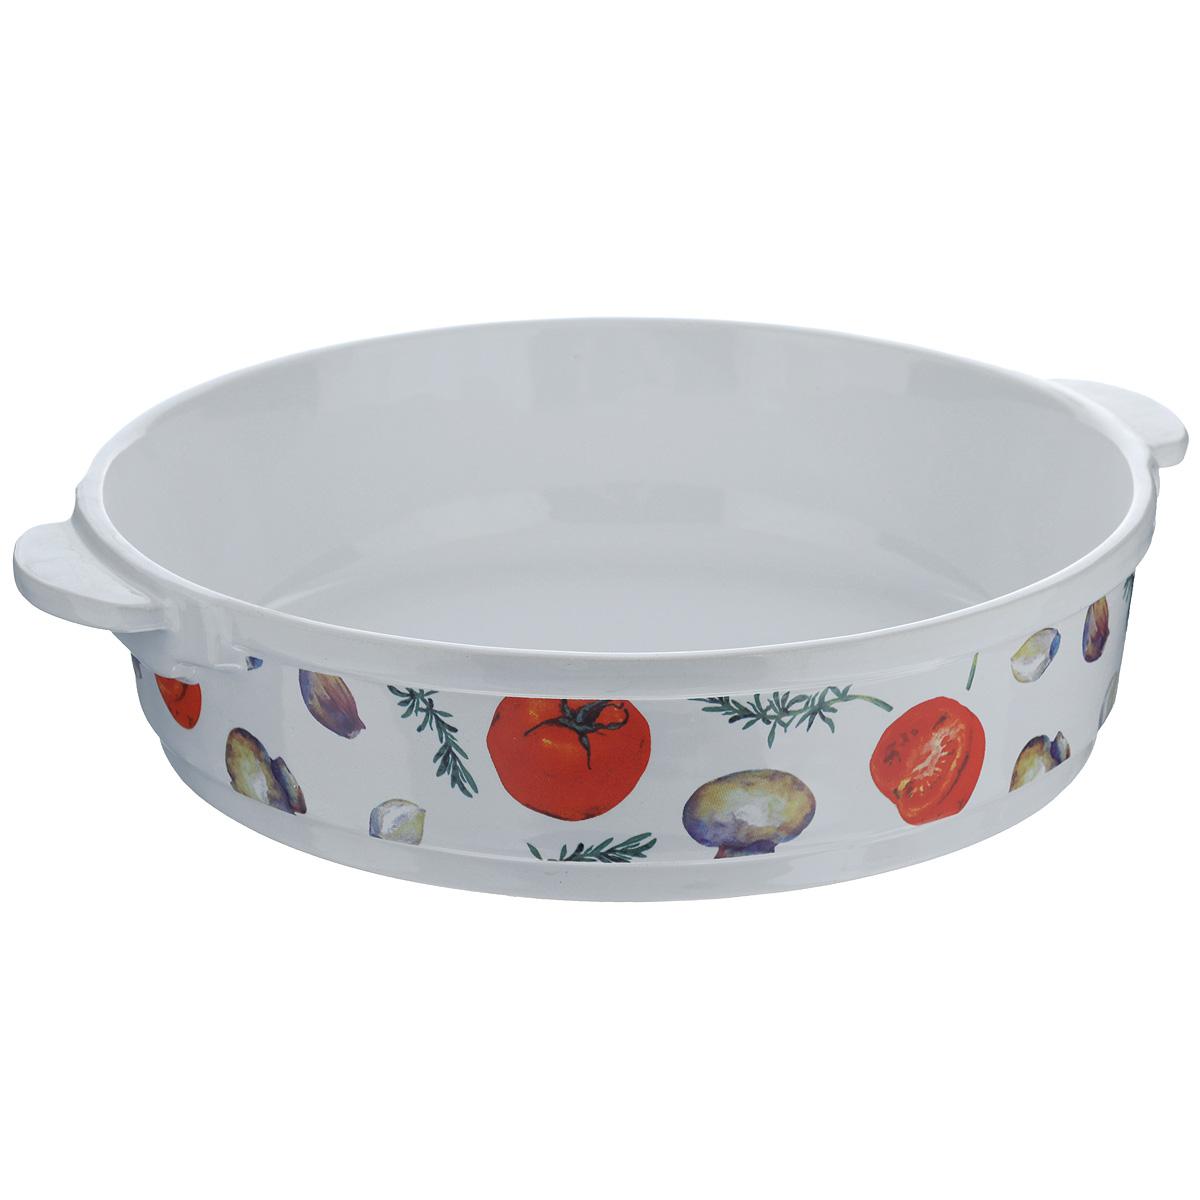 Форма для запекания Едим Дома Прованс, круглая, диаметр 26 смPRV069Круглая форма для запекания Едим Дома Прованс изготовлена из жаропрочной керамики, покрытой глазурью. Такая керамика выдерживает температуру от -30°С до +220°С, что позволяет использовать ее и в холодильнике, и в духовке. Изделие декорировано изображением овощей. Форма идеальна для запекания мяса и овощей. Оснащена удобными ручками. Можно использовать в микроволновой печи и духовке. Можно мыть в посудомоечной машине.Внутренний диаметр формы: 26 см. Размер формы (с учетом ручек): 30 см х 26 см. Высота стенки: 6,5 см.